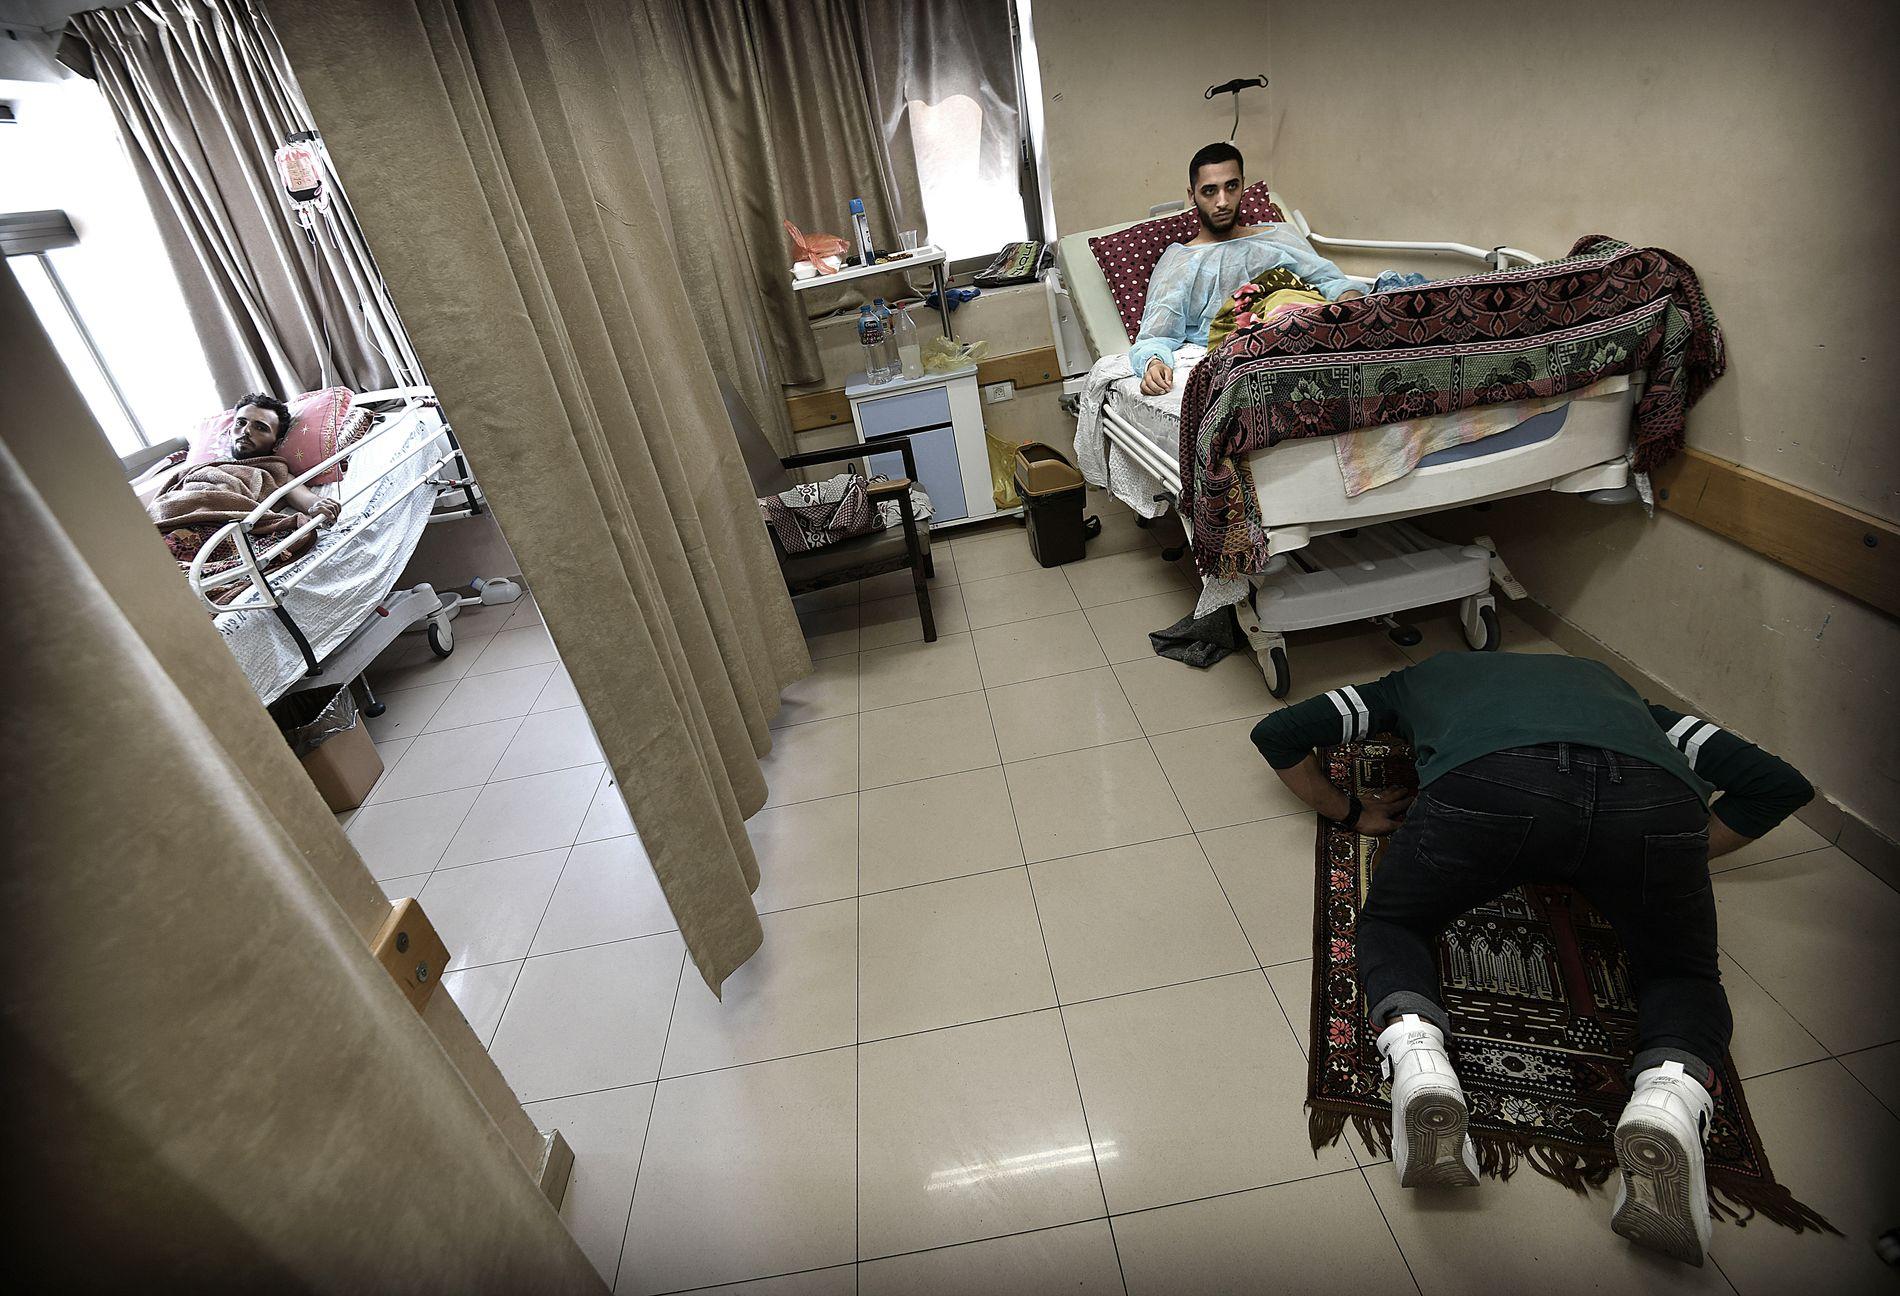 PROTEST-PASIENTER: Naser al-Shorbaji (24) mistet mye blod å vei til sykehuset etter å ha blitt skutt ved grensegjerdet. Broren Mohammed (22) ber foran sykesengen, og i rommet ved siden av ligger Mohammed al-Sirzawy (27), som er blitt skutt i venstre lår.